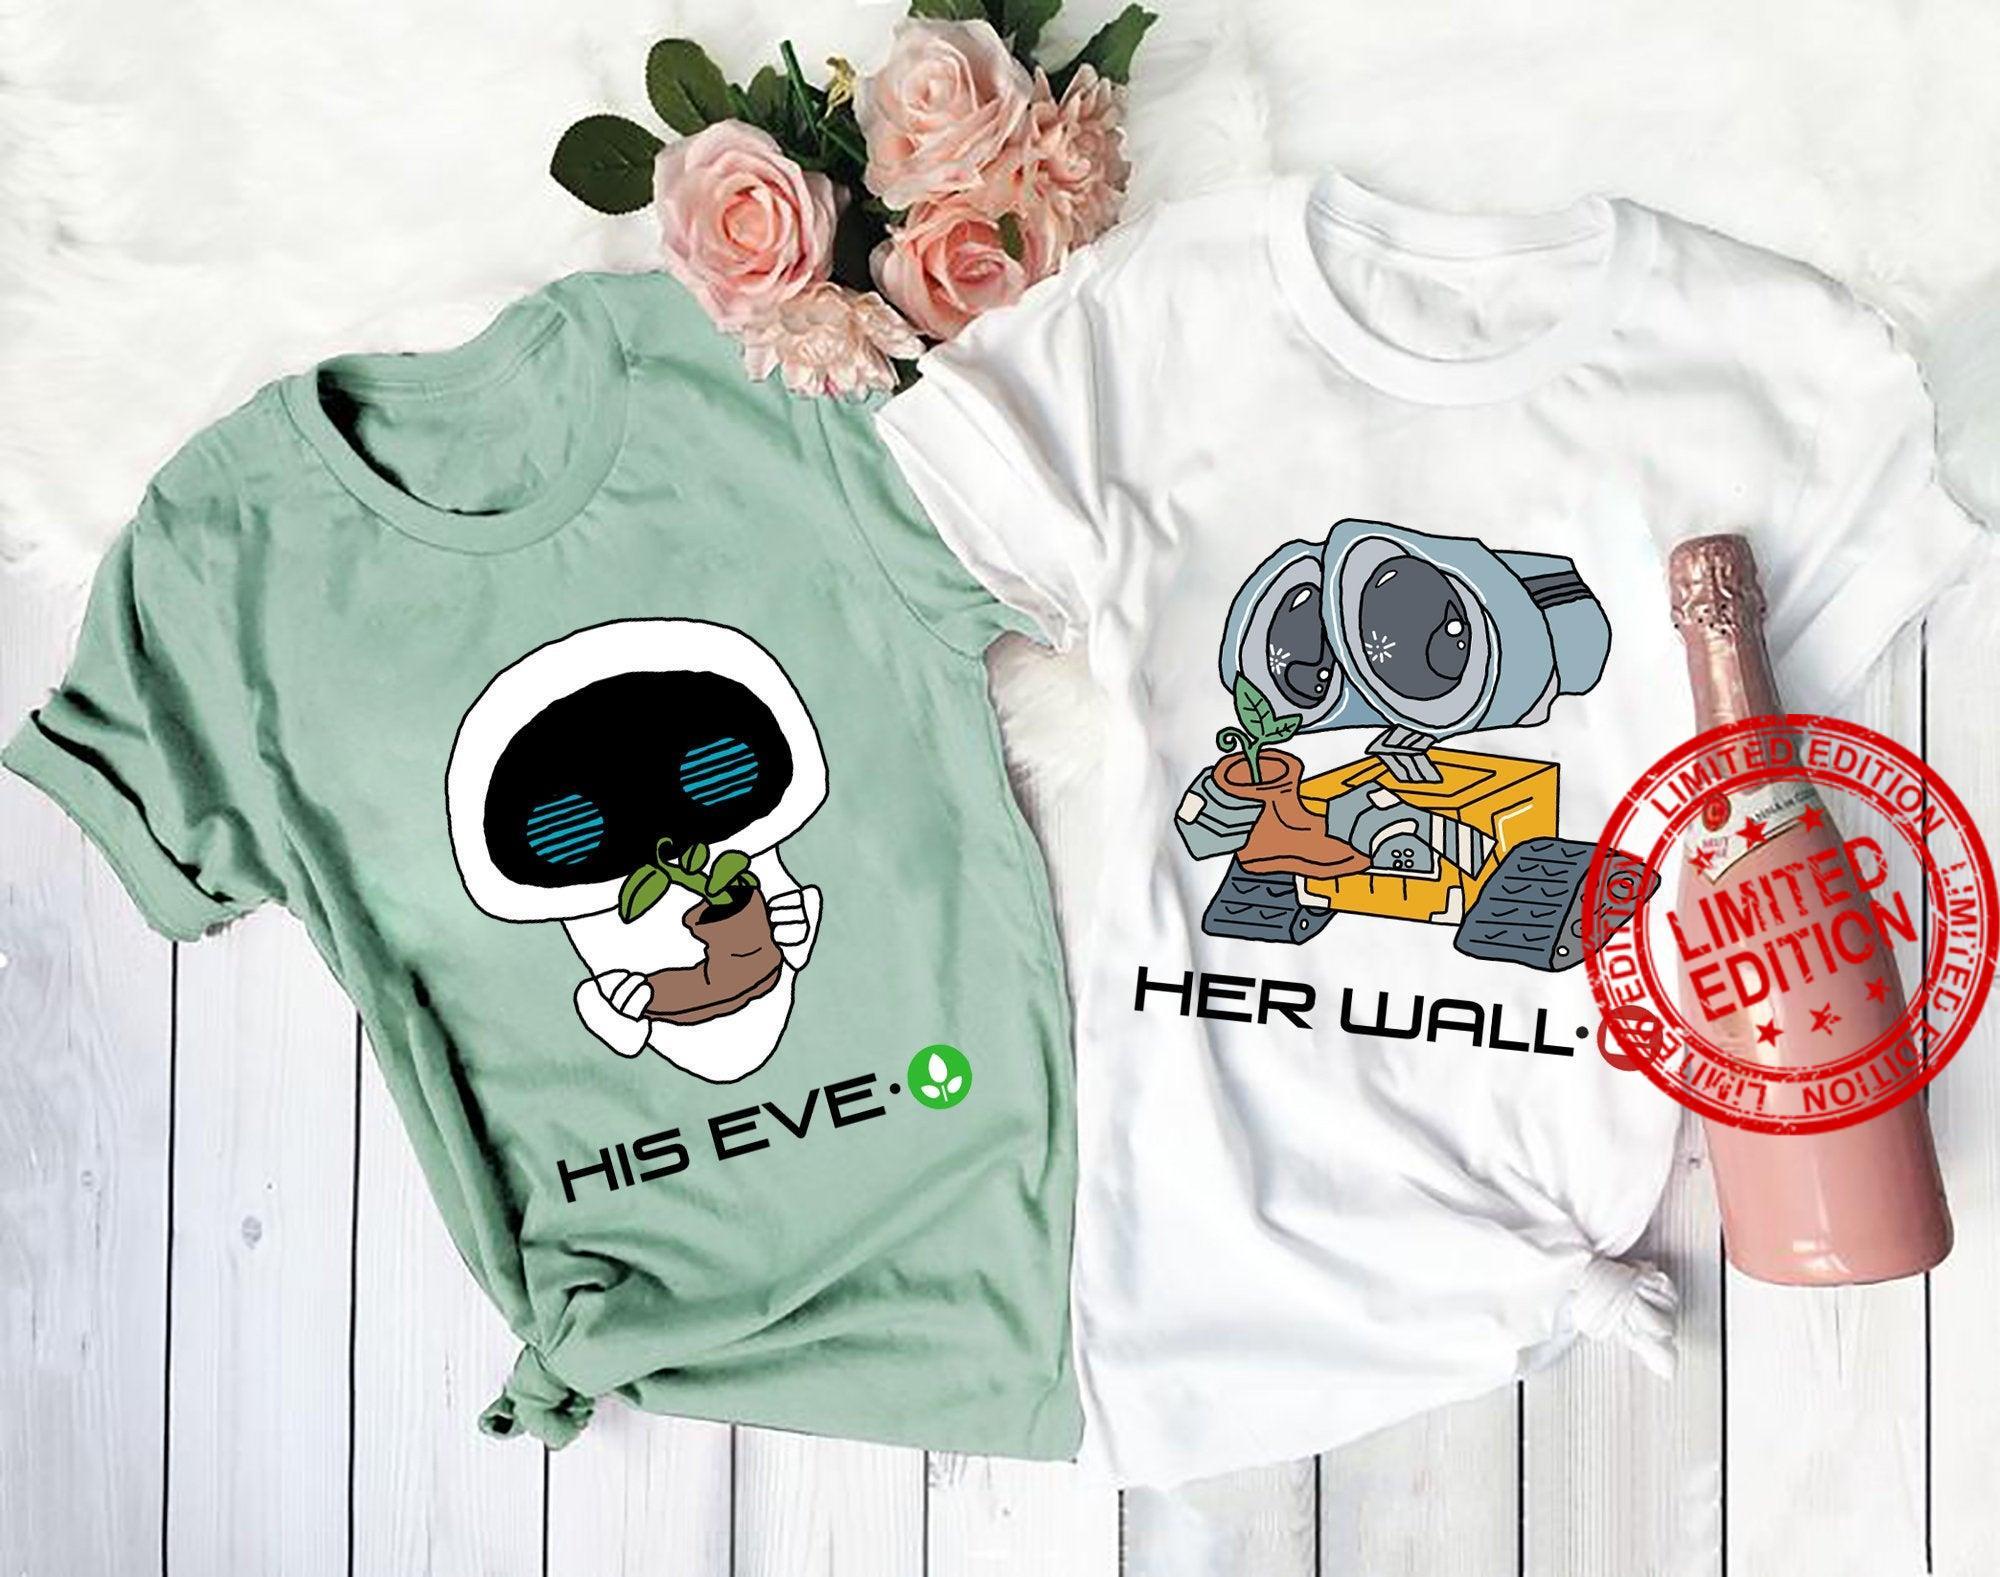 Wall-e Couple Shirt